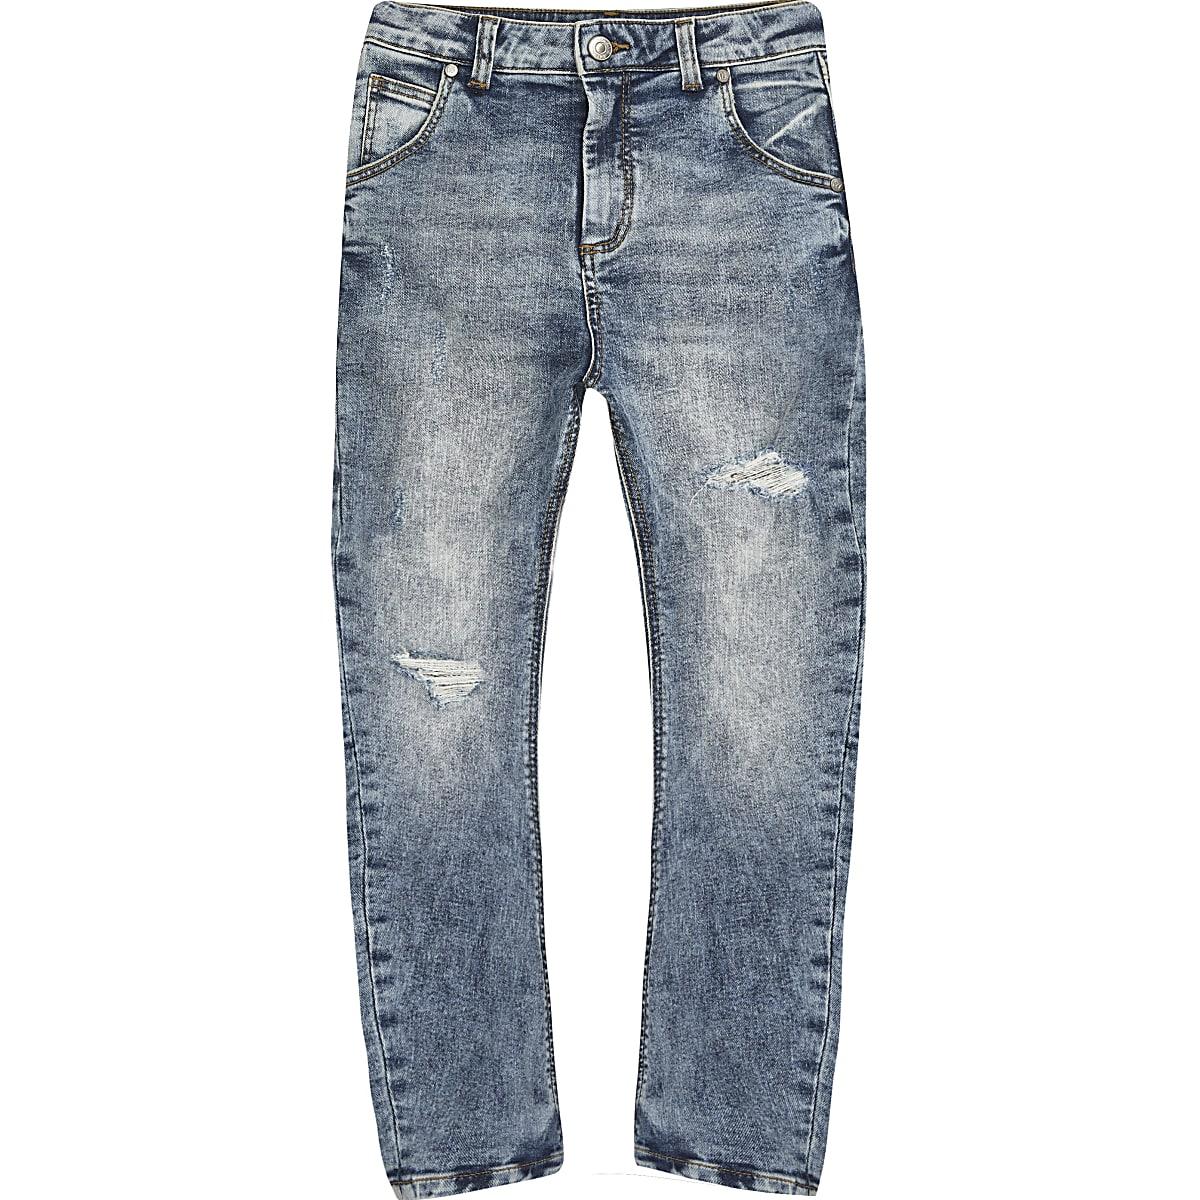 Tony - Middenblauwe smaltoelopende jeans voor jongens